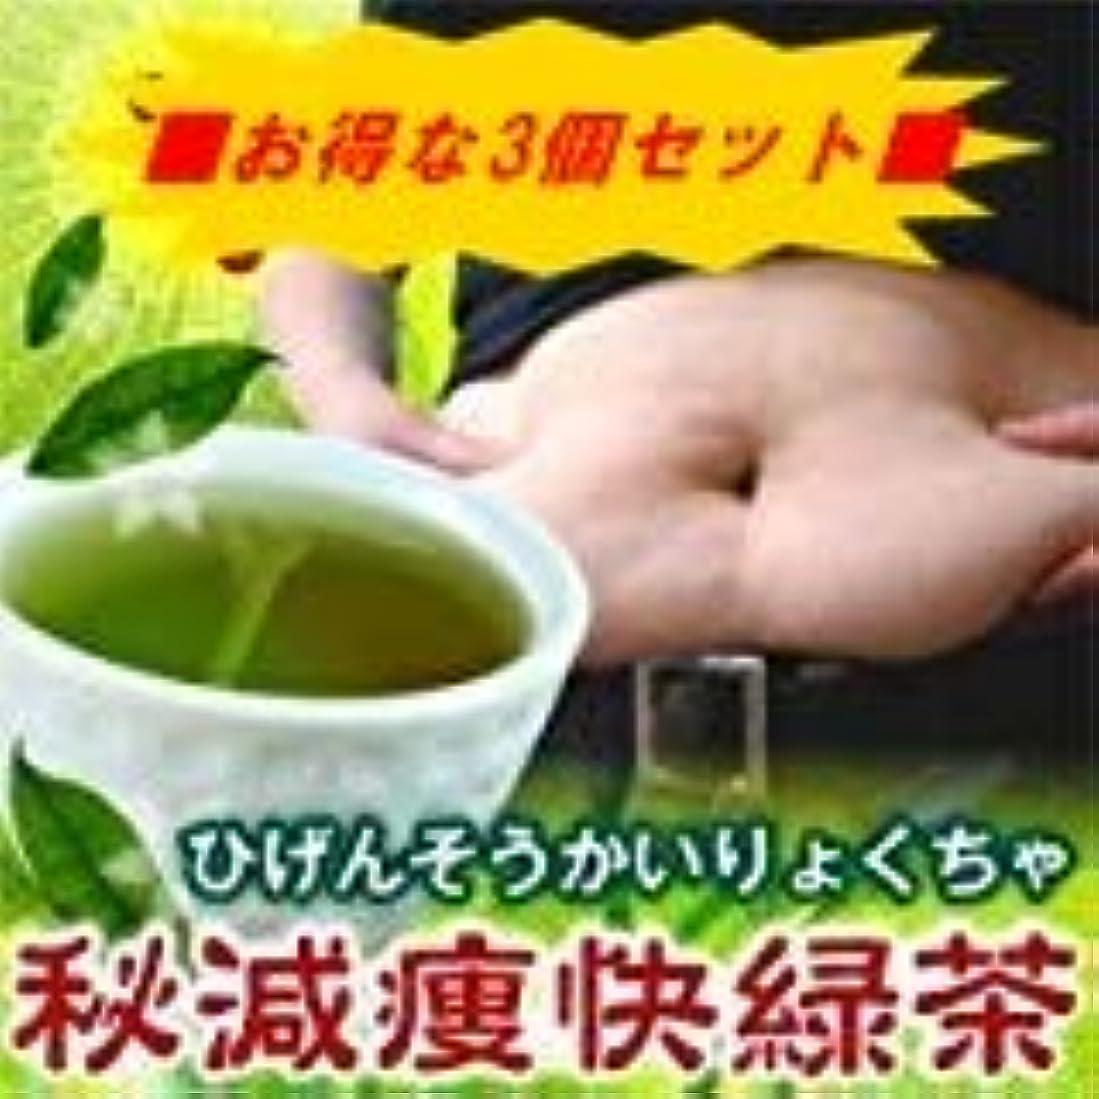 公園インターネット割り当て秘減痩快緑茶(ひげんそうかいりょくちゃ) 3個セット?